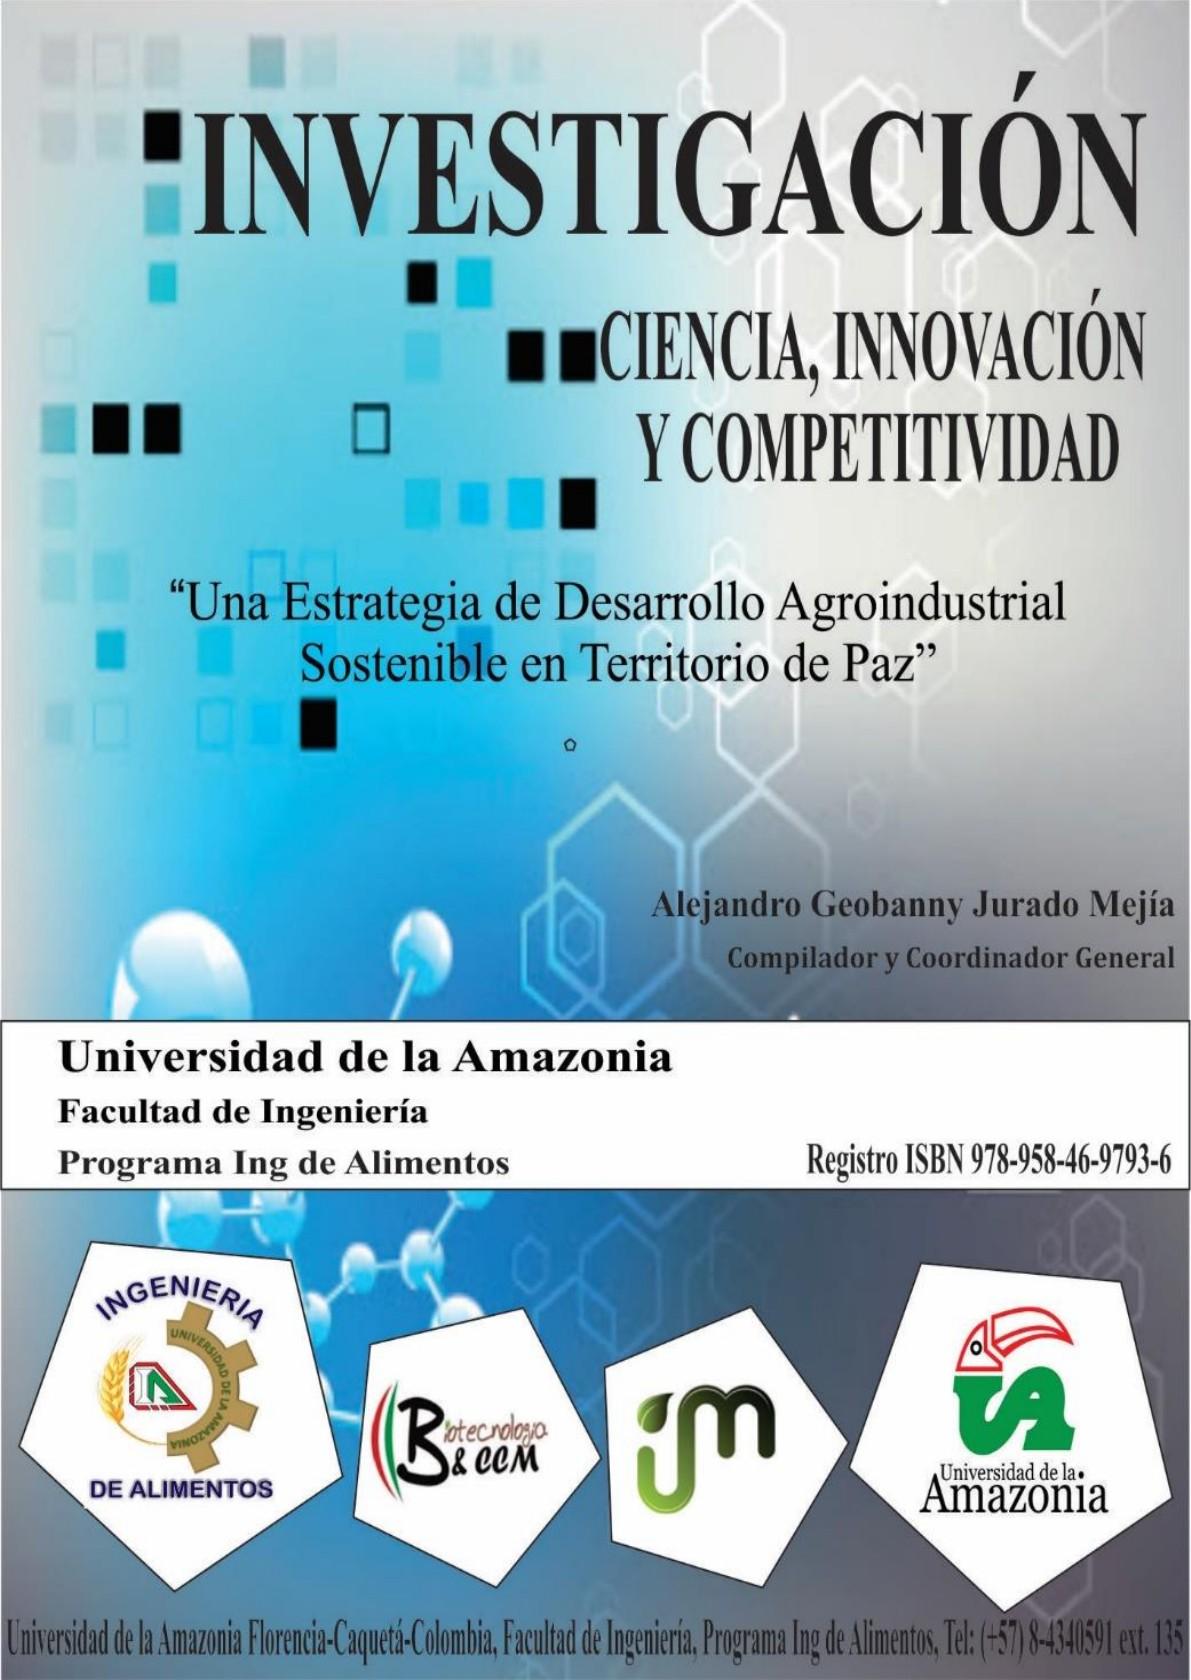 Investigacin Ciencia Innovacin y petitividad